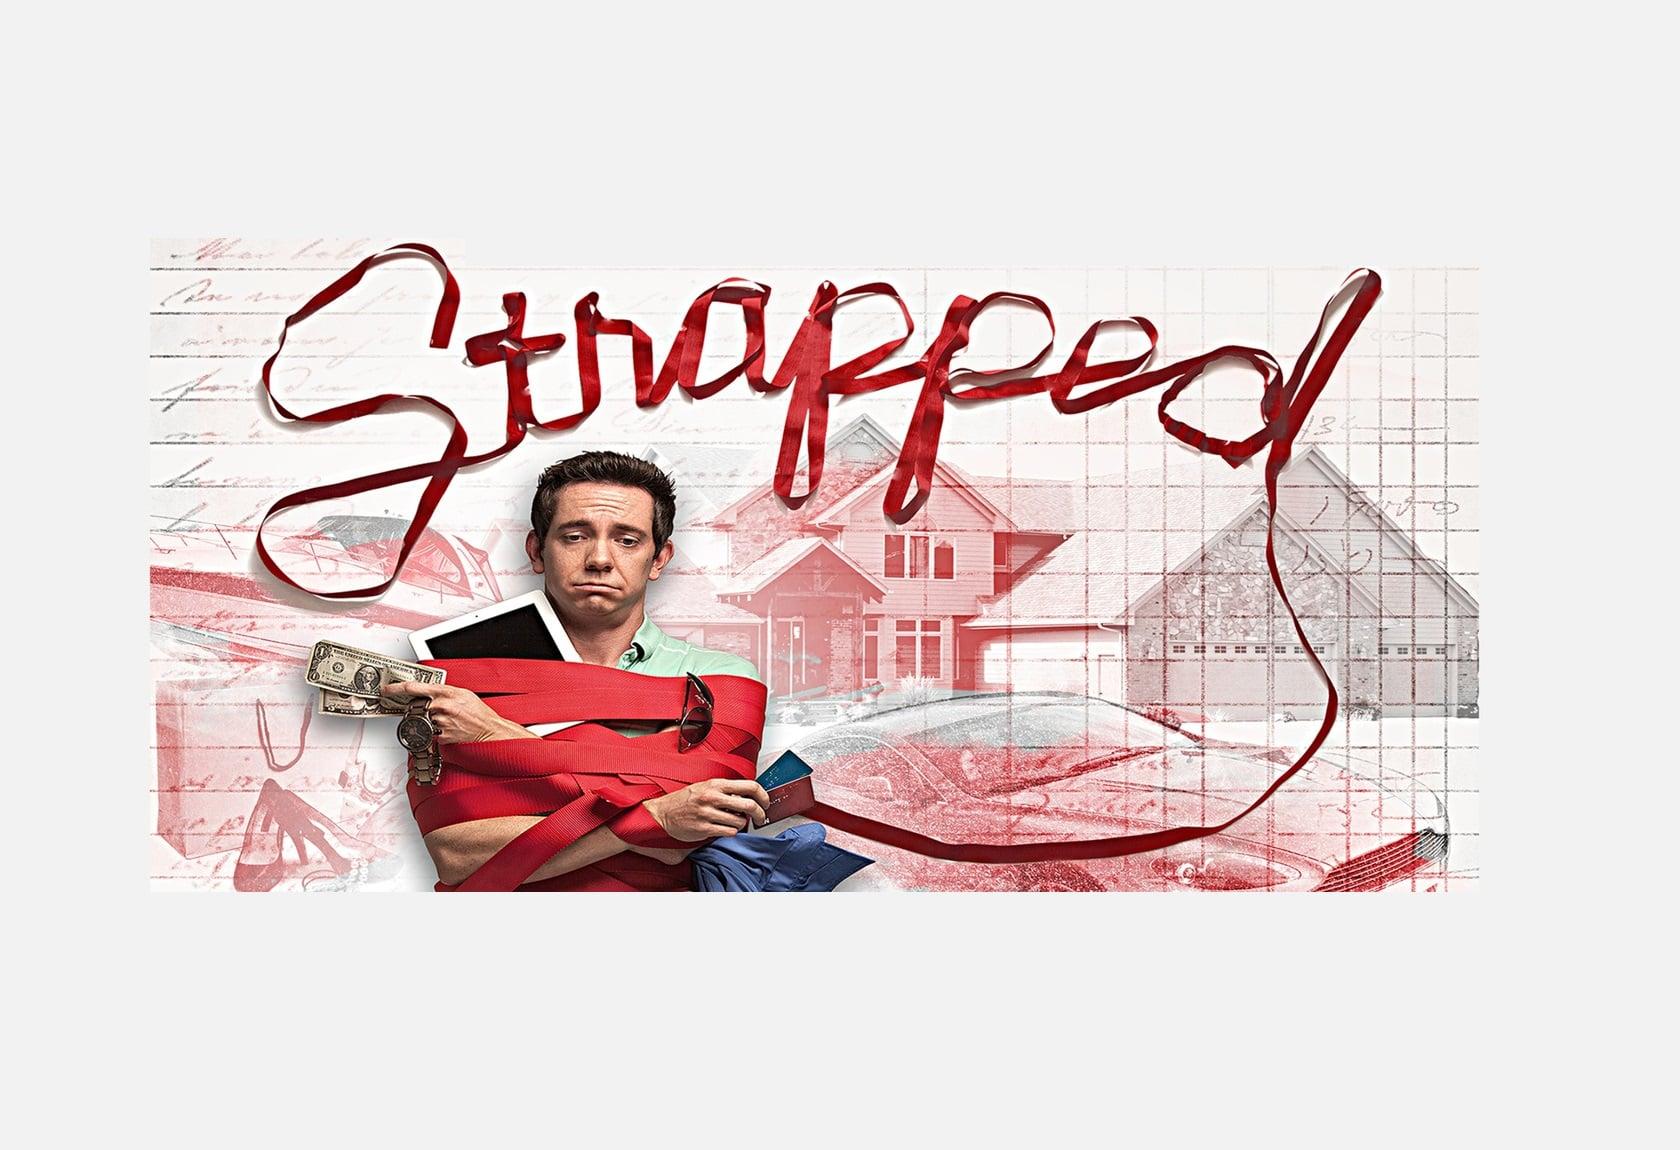 Strapped - Sheboygan